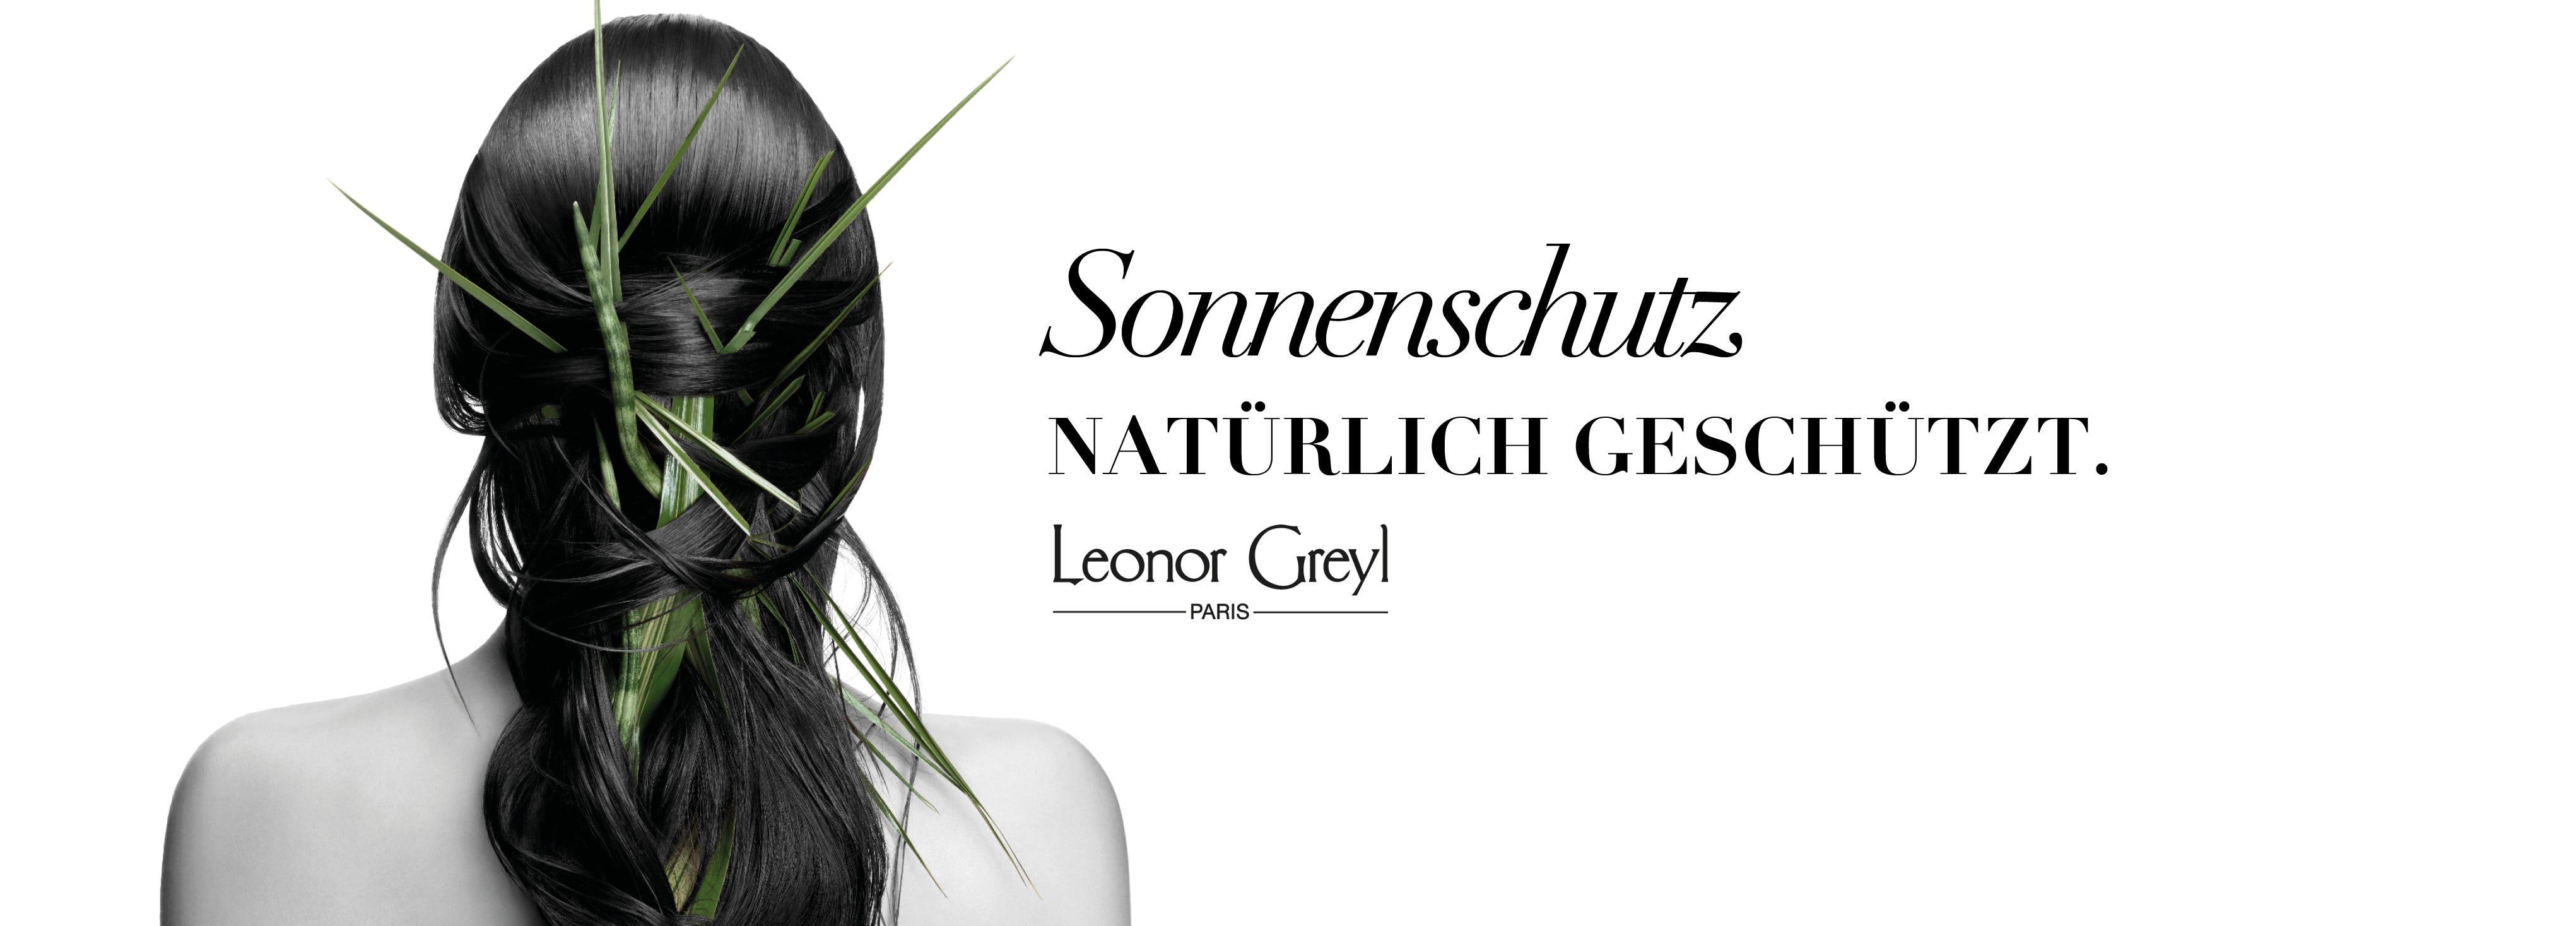 Leonor Greyl Sonnenschutz